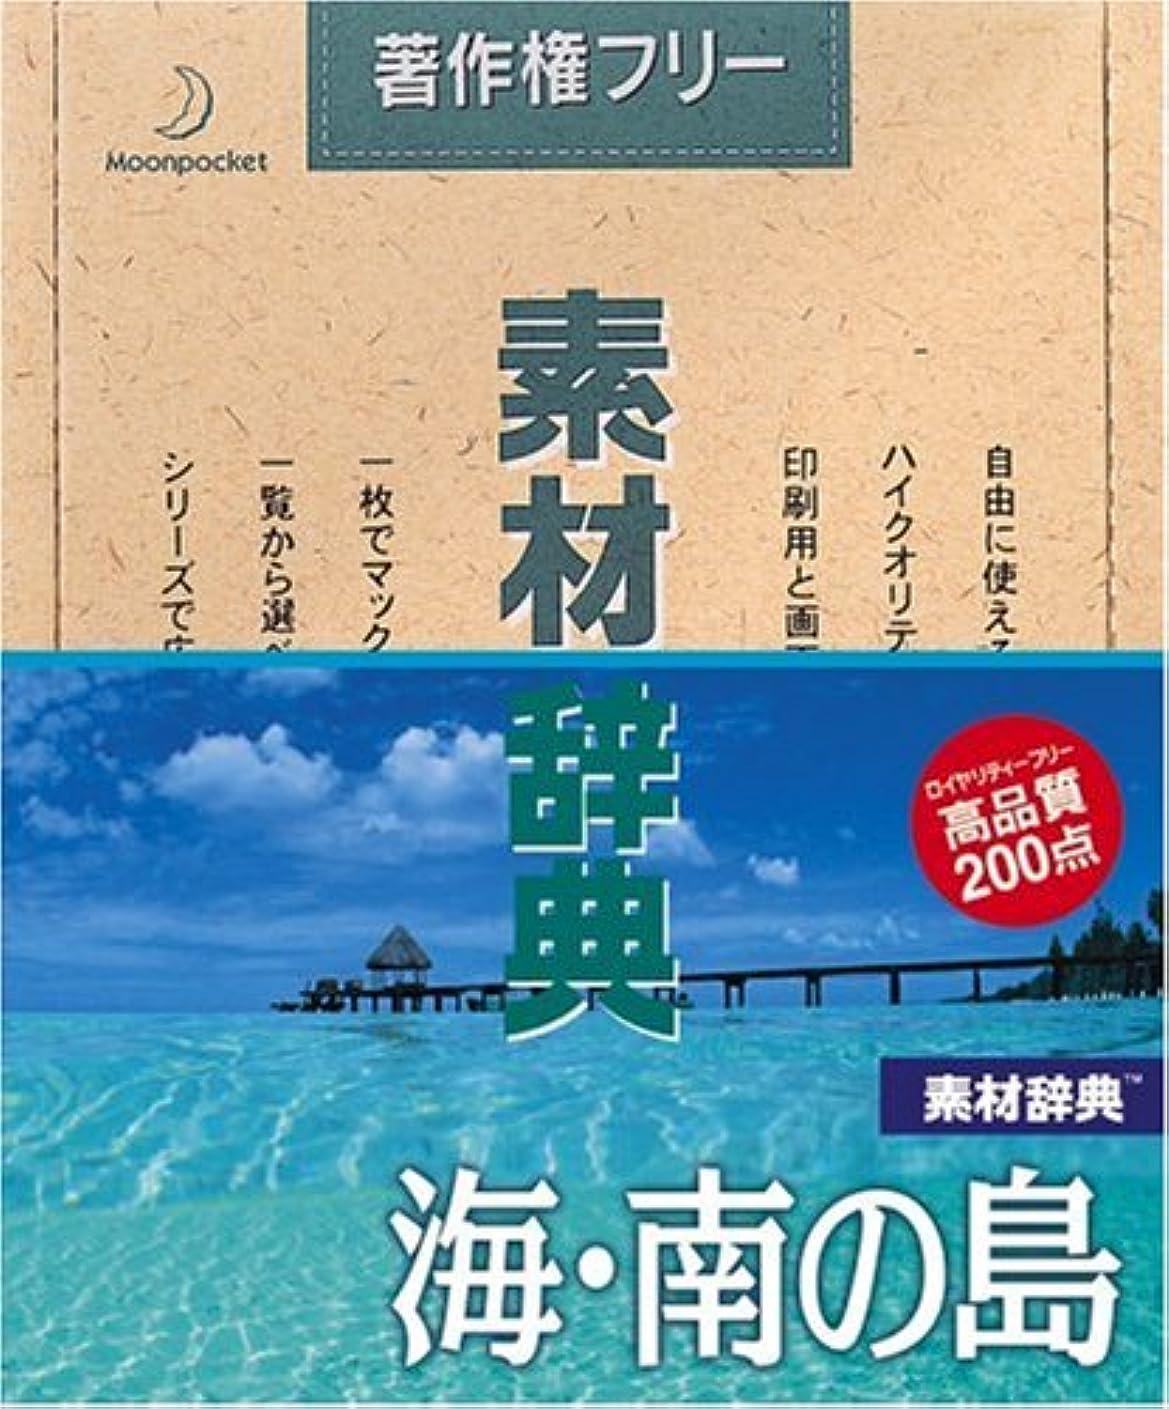 素材辞典 Vol.40 海?南の島編